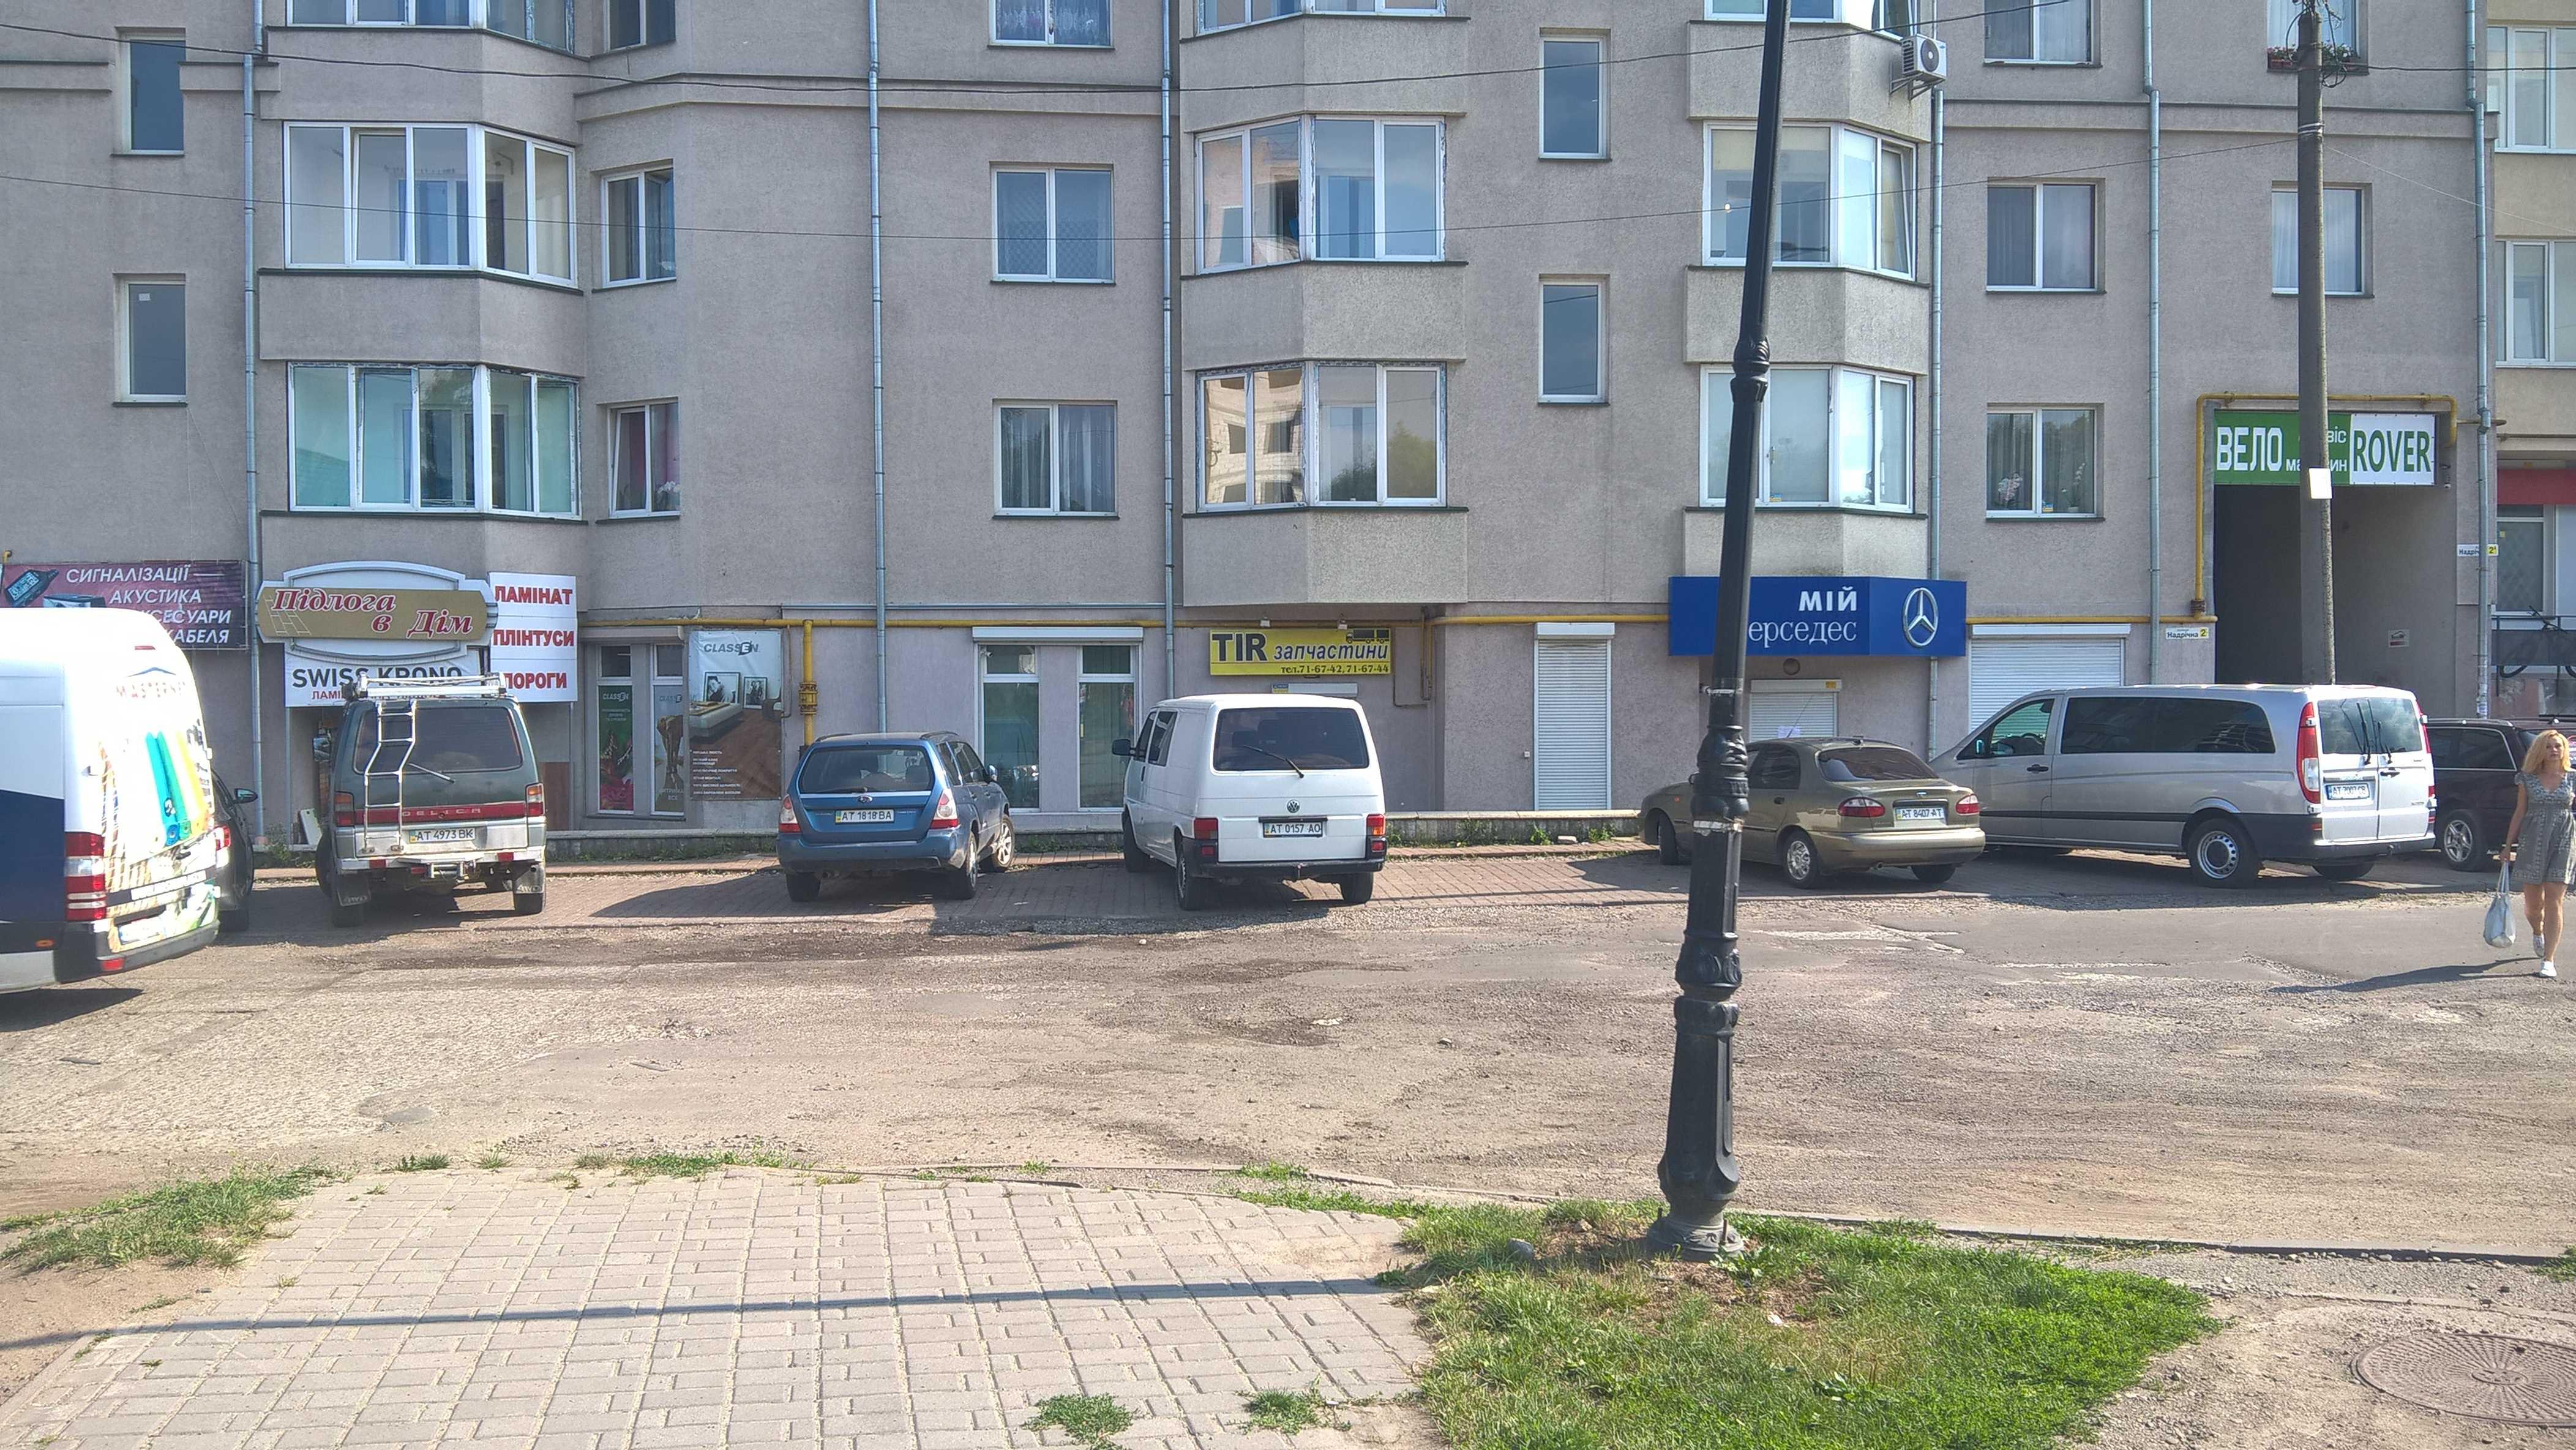 TIR Запчастини, Надрічна, 2, Івано-Франківськ